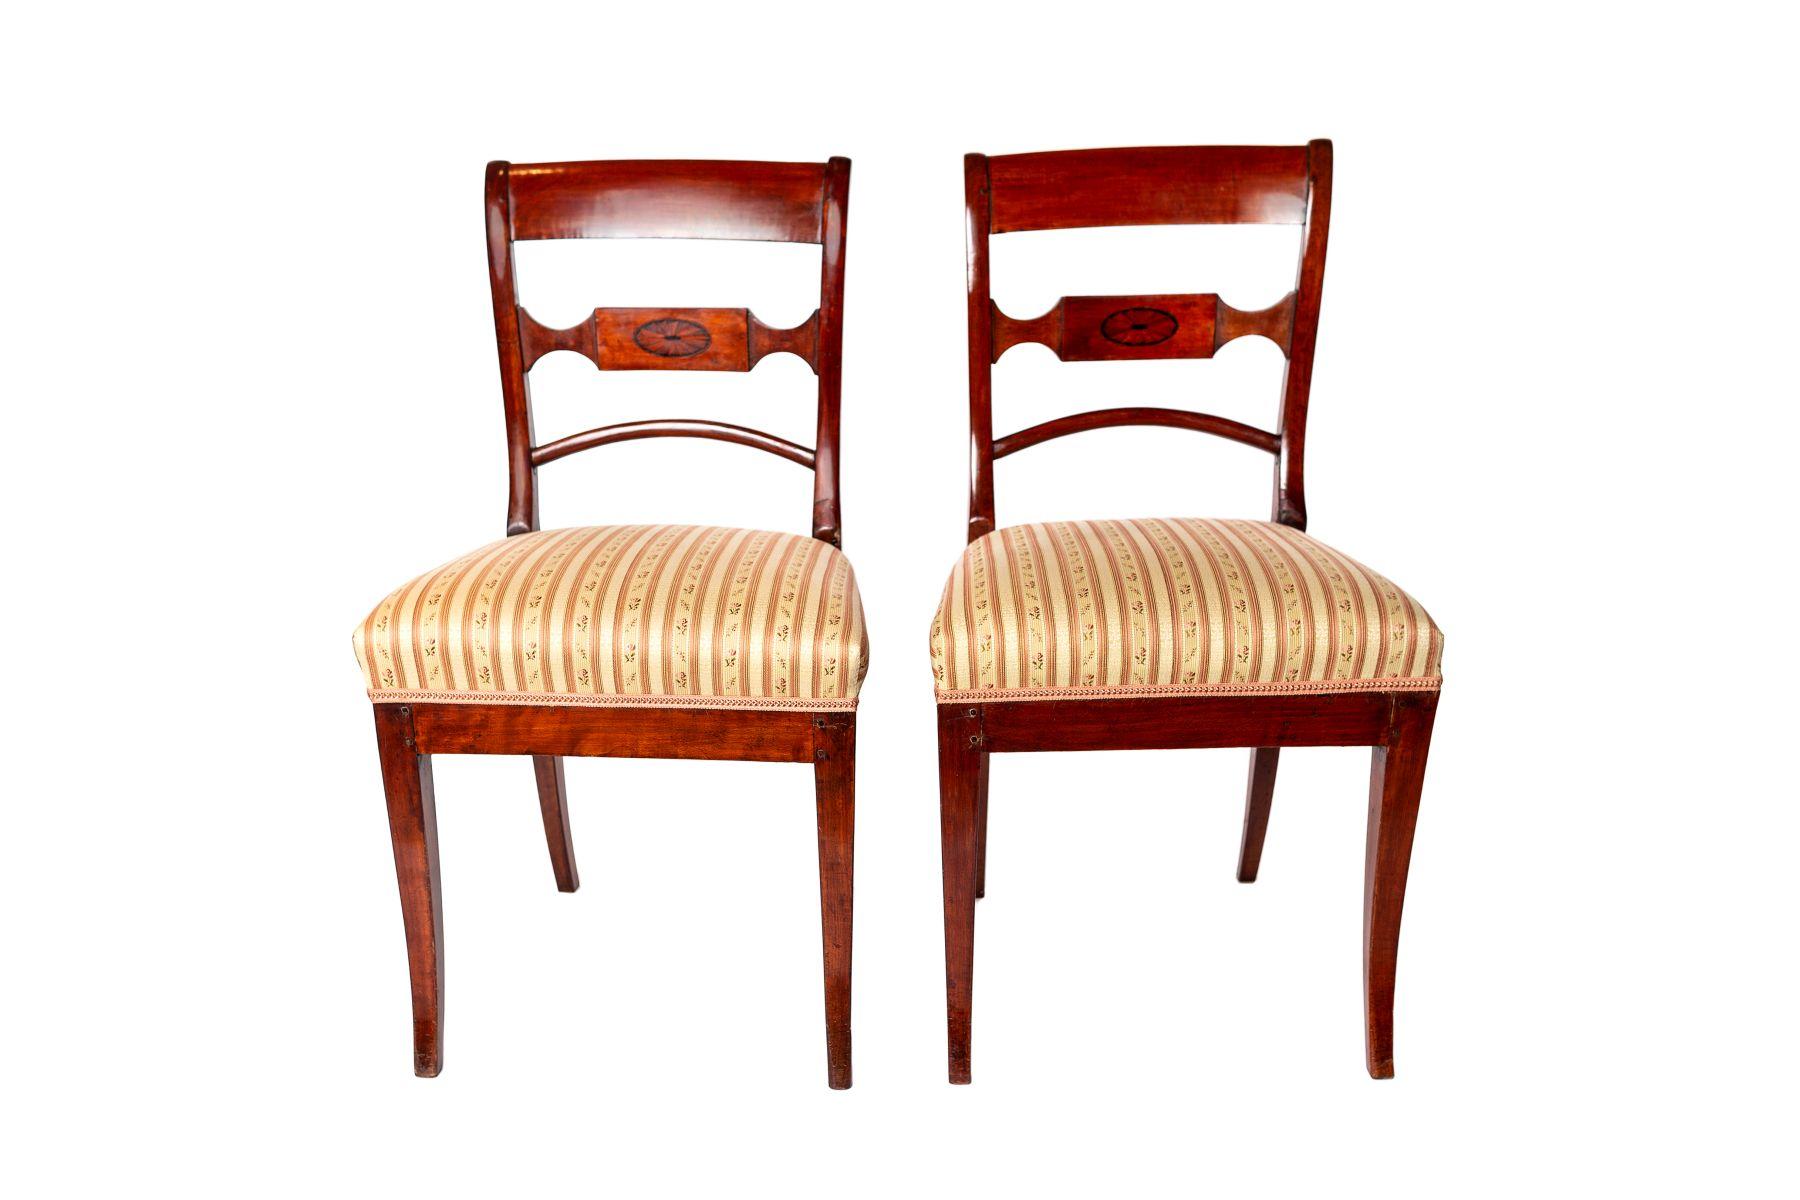 #37 Biedermeier Chairs   Biedermeierstühle Image